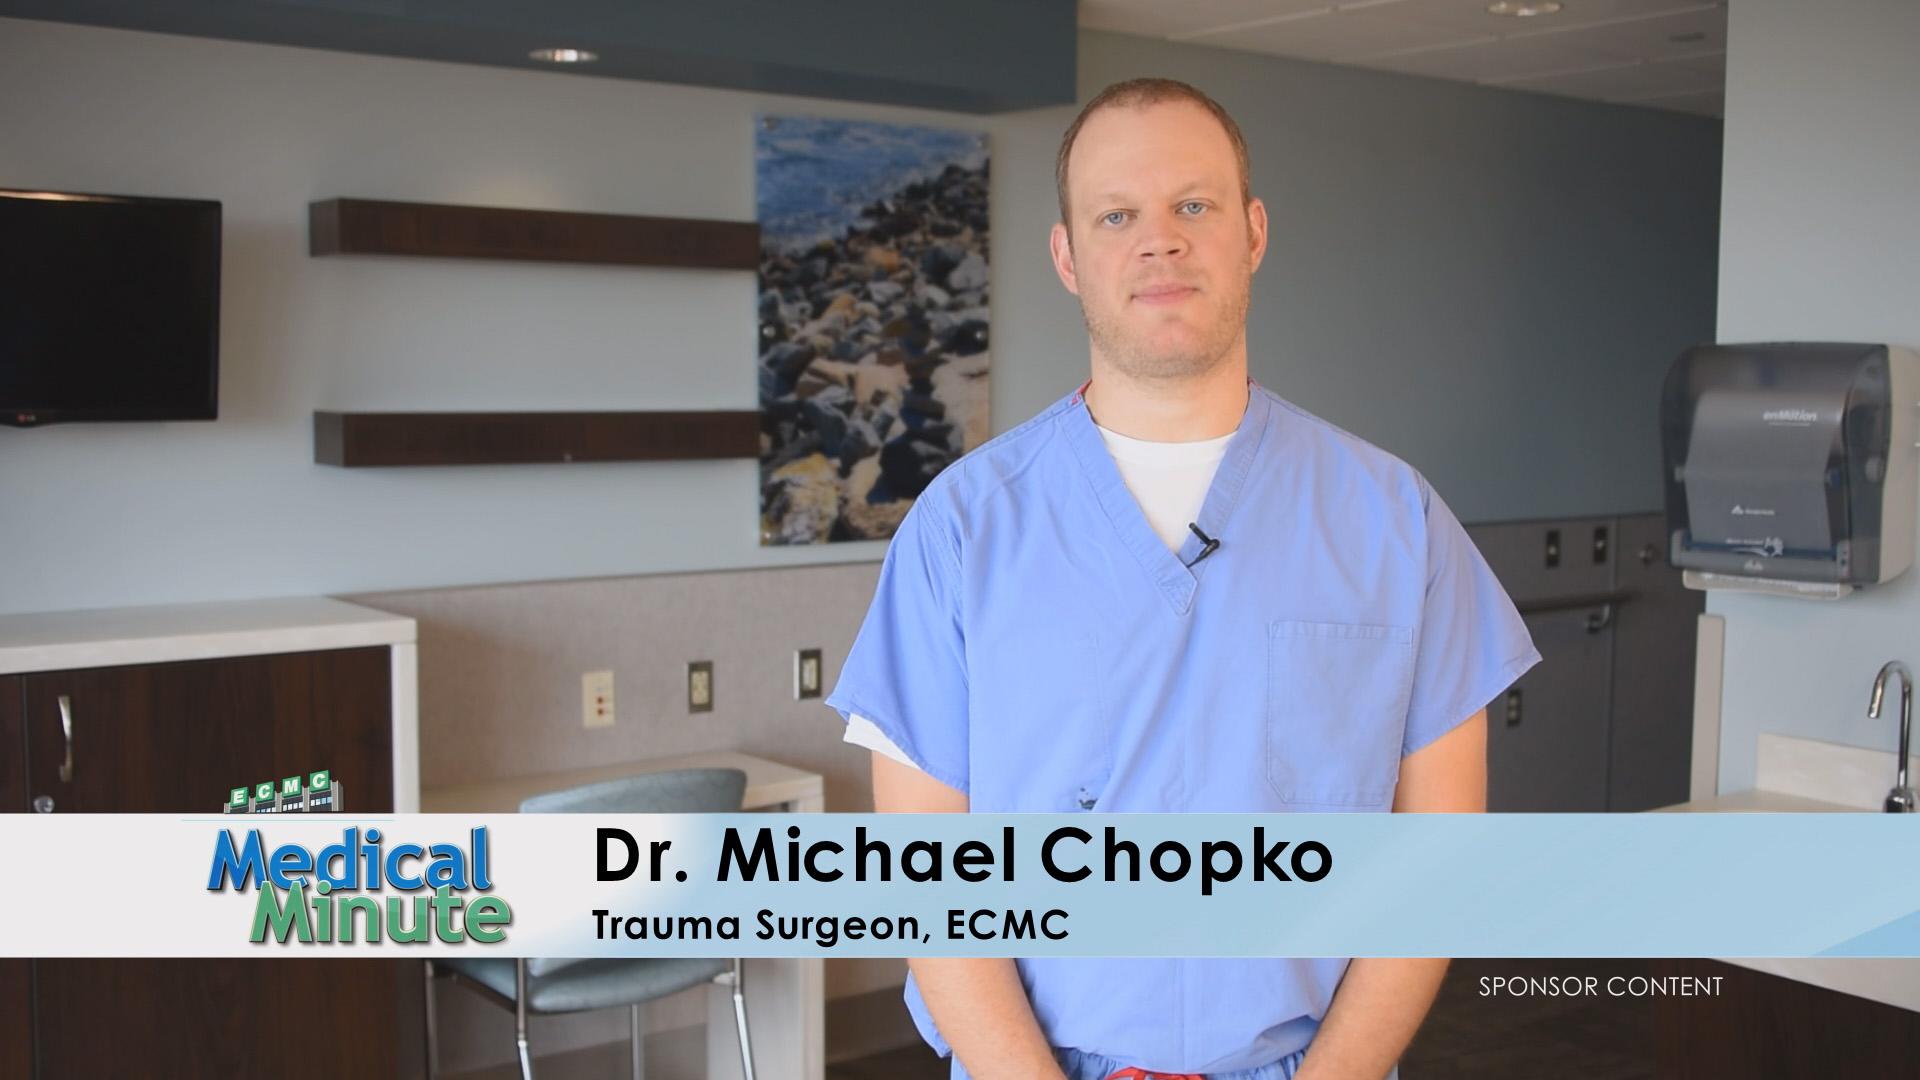 ECMC MedicalMinute Dr.Chopko FireSafety 08.15.16 STILL